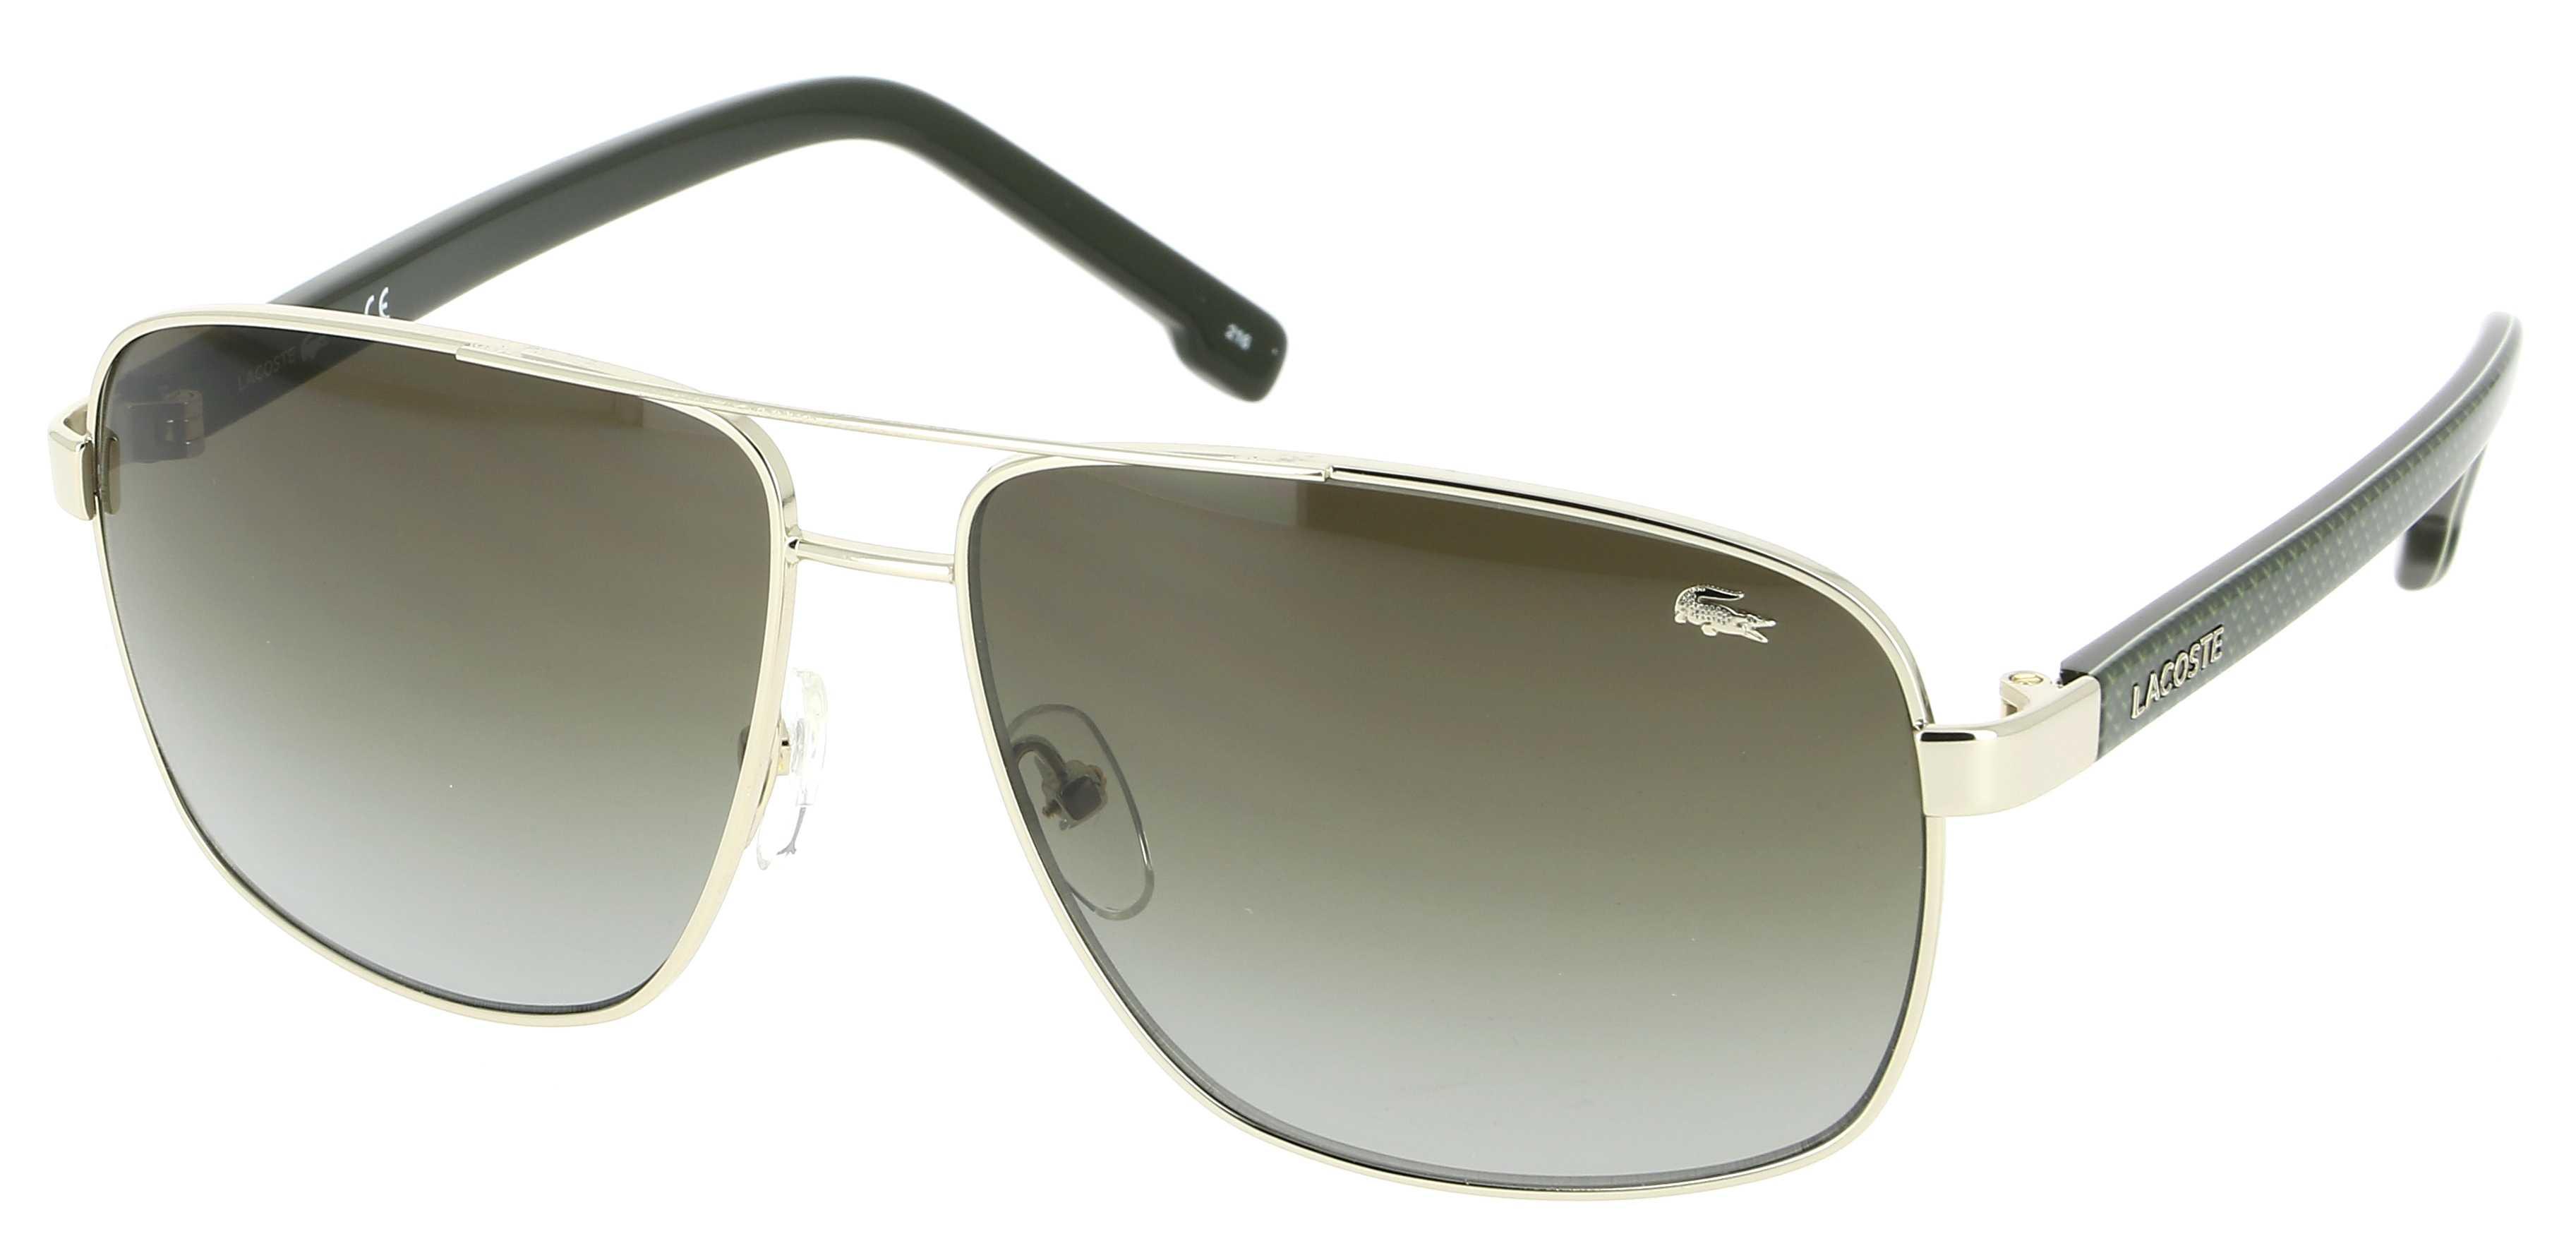 Les conseils utiles pour bien choisir sa lunettes de soleil en 2019 ... 605ab01058a1